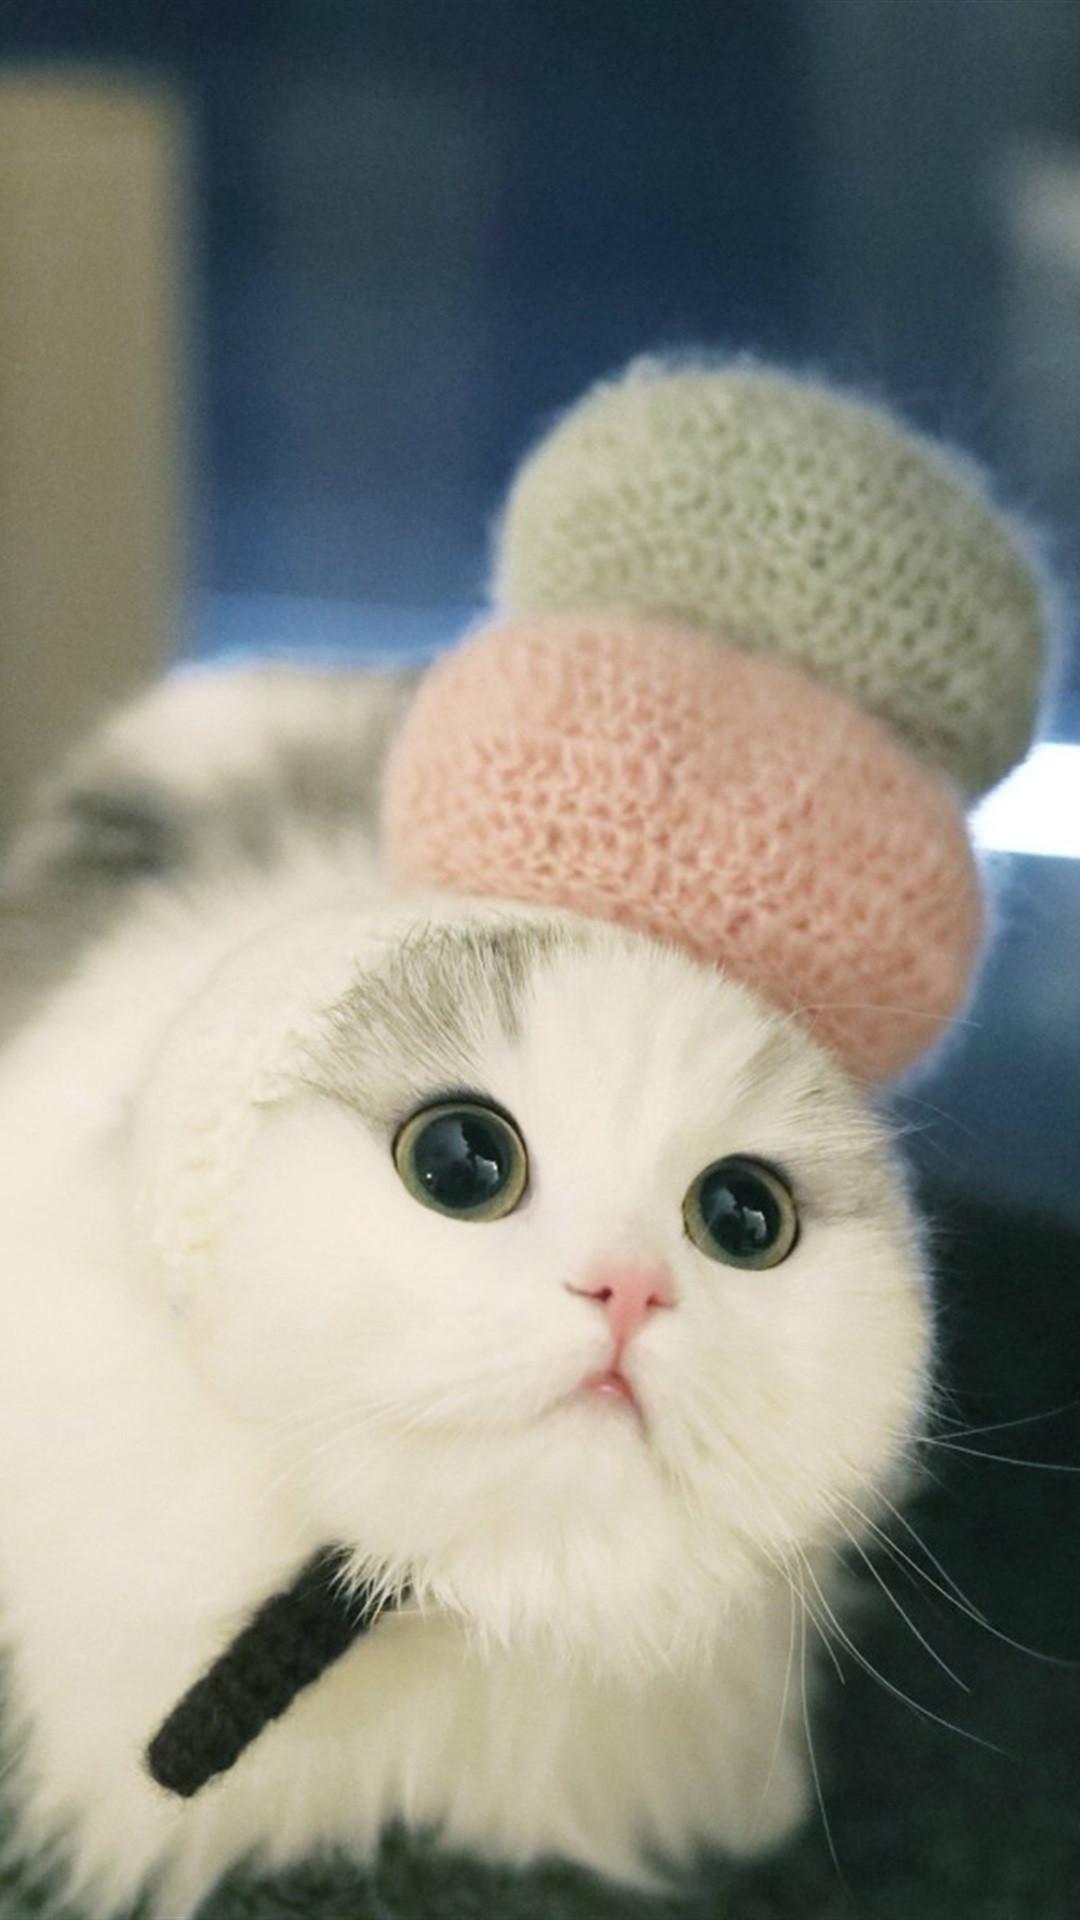 资源分享 主题壁纸 「资源组」可爱萌宠猫咪【8p】 发帖 回复